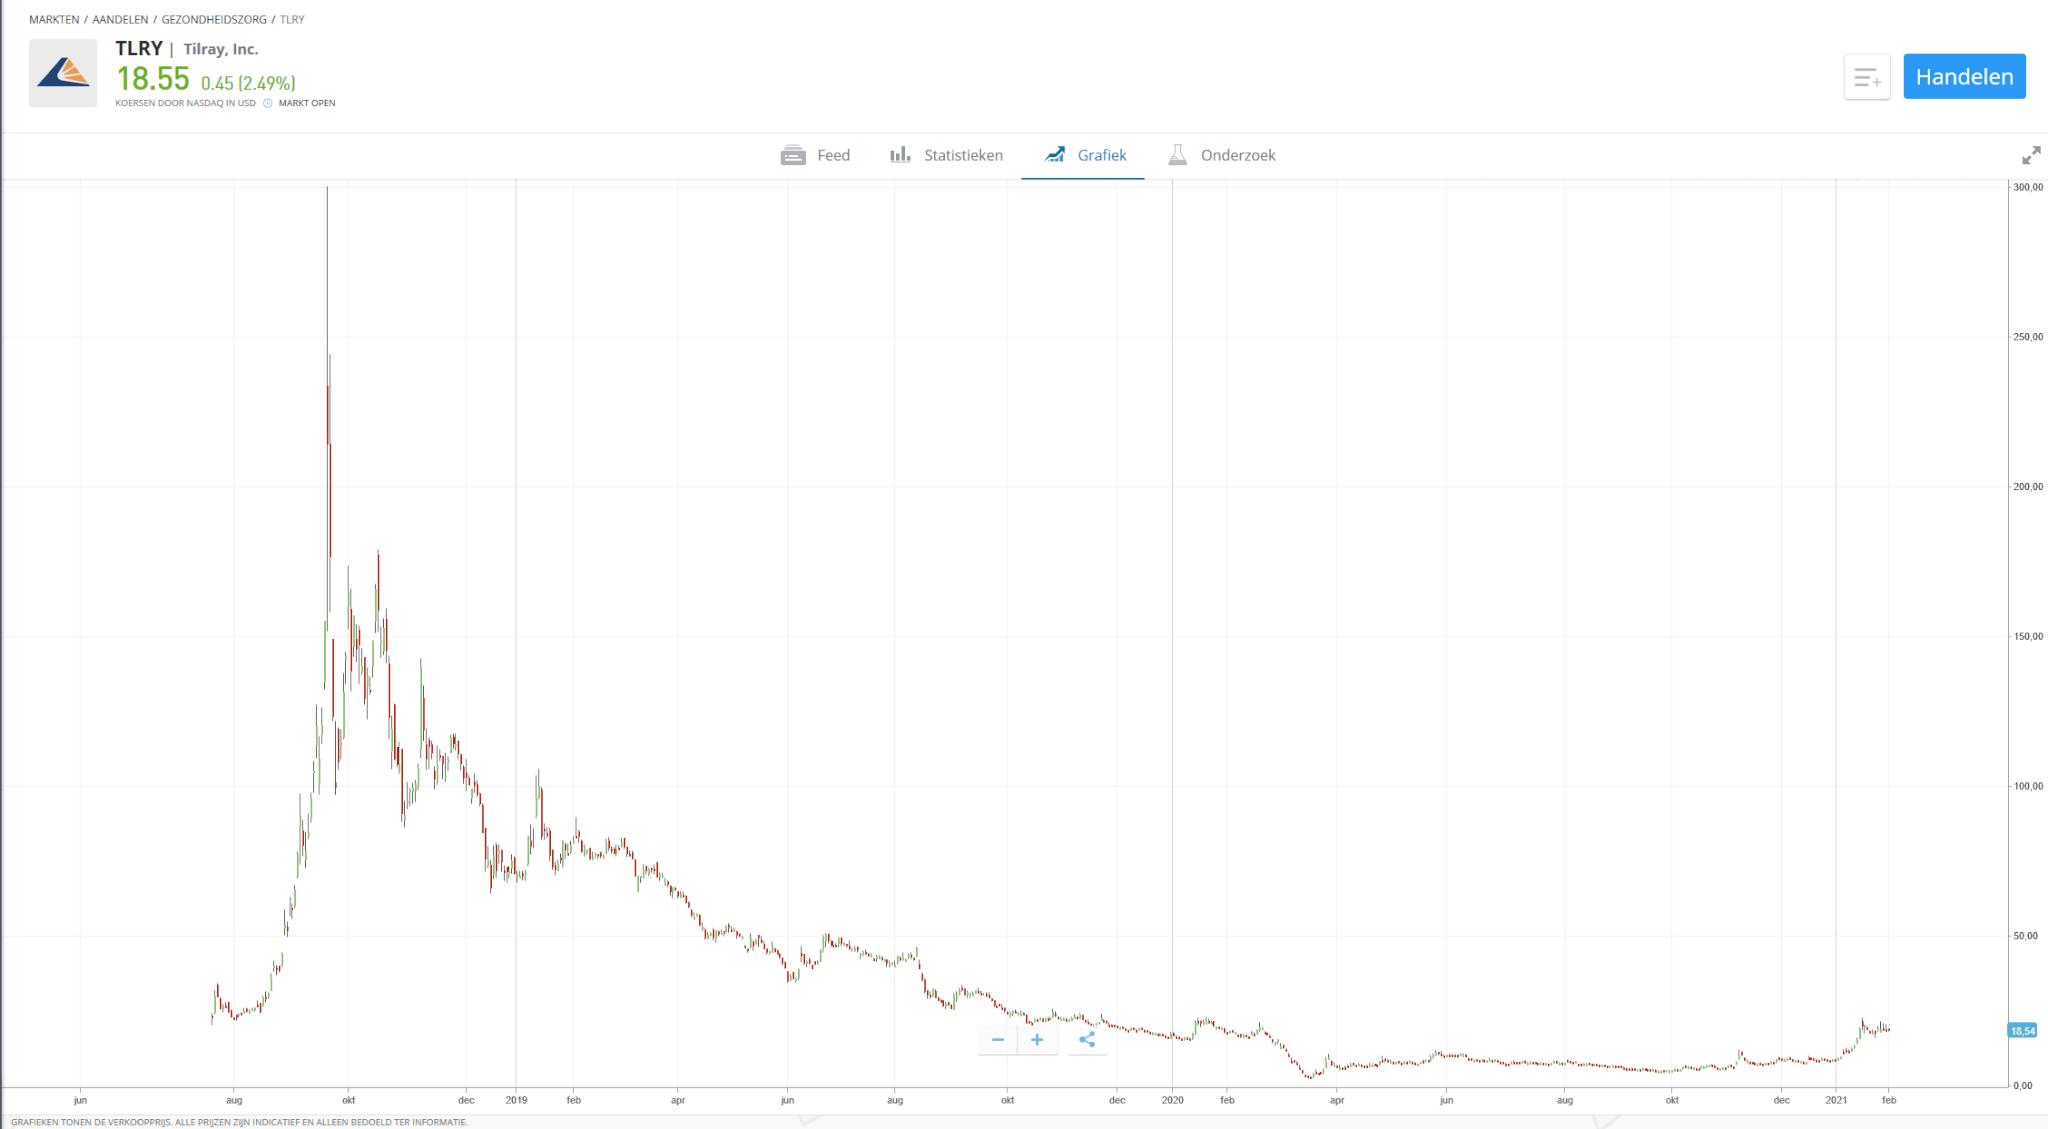 tilray stock over de jaren heen etoro chart